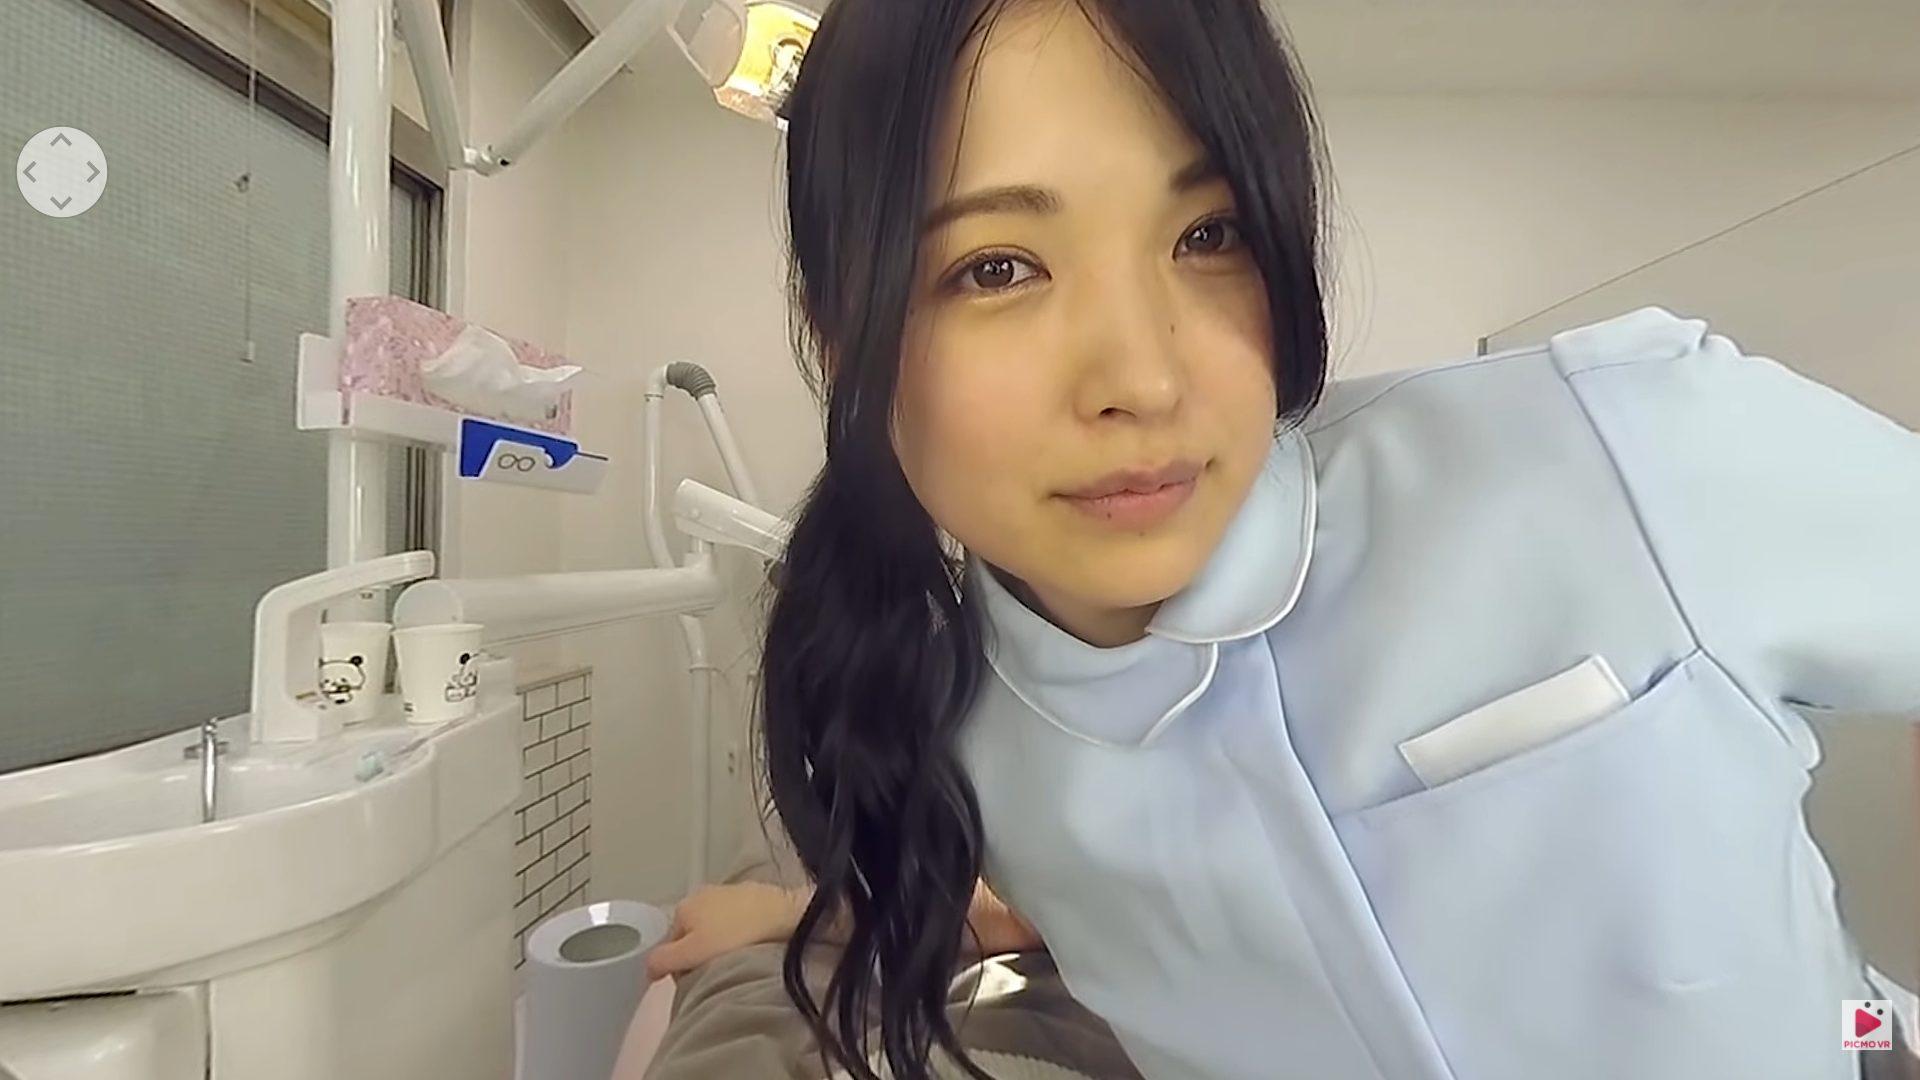 【中野ゆきみ(中野由貴)】Gカップ3 「【VR】カノジョがボクに惚れたらしい ~とある歯科医院でモテた僕~」サンプル動画